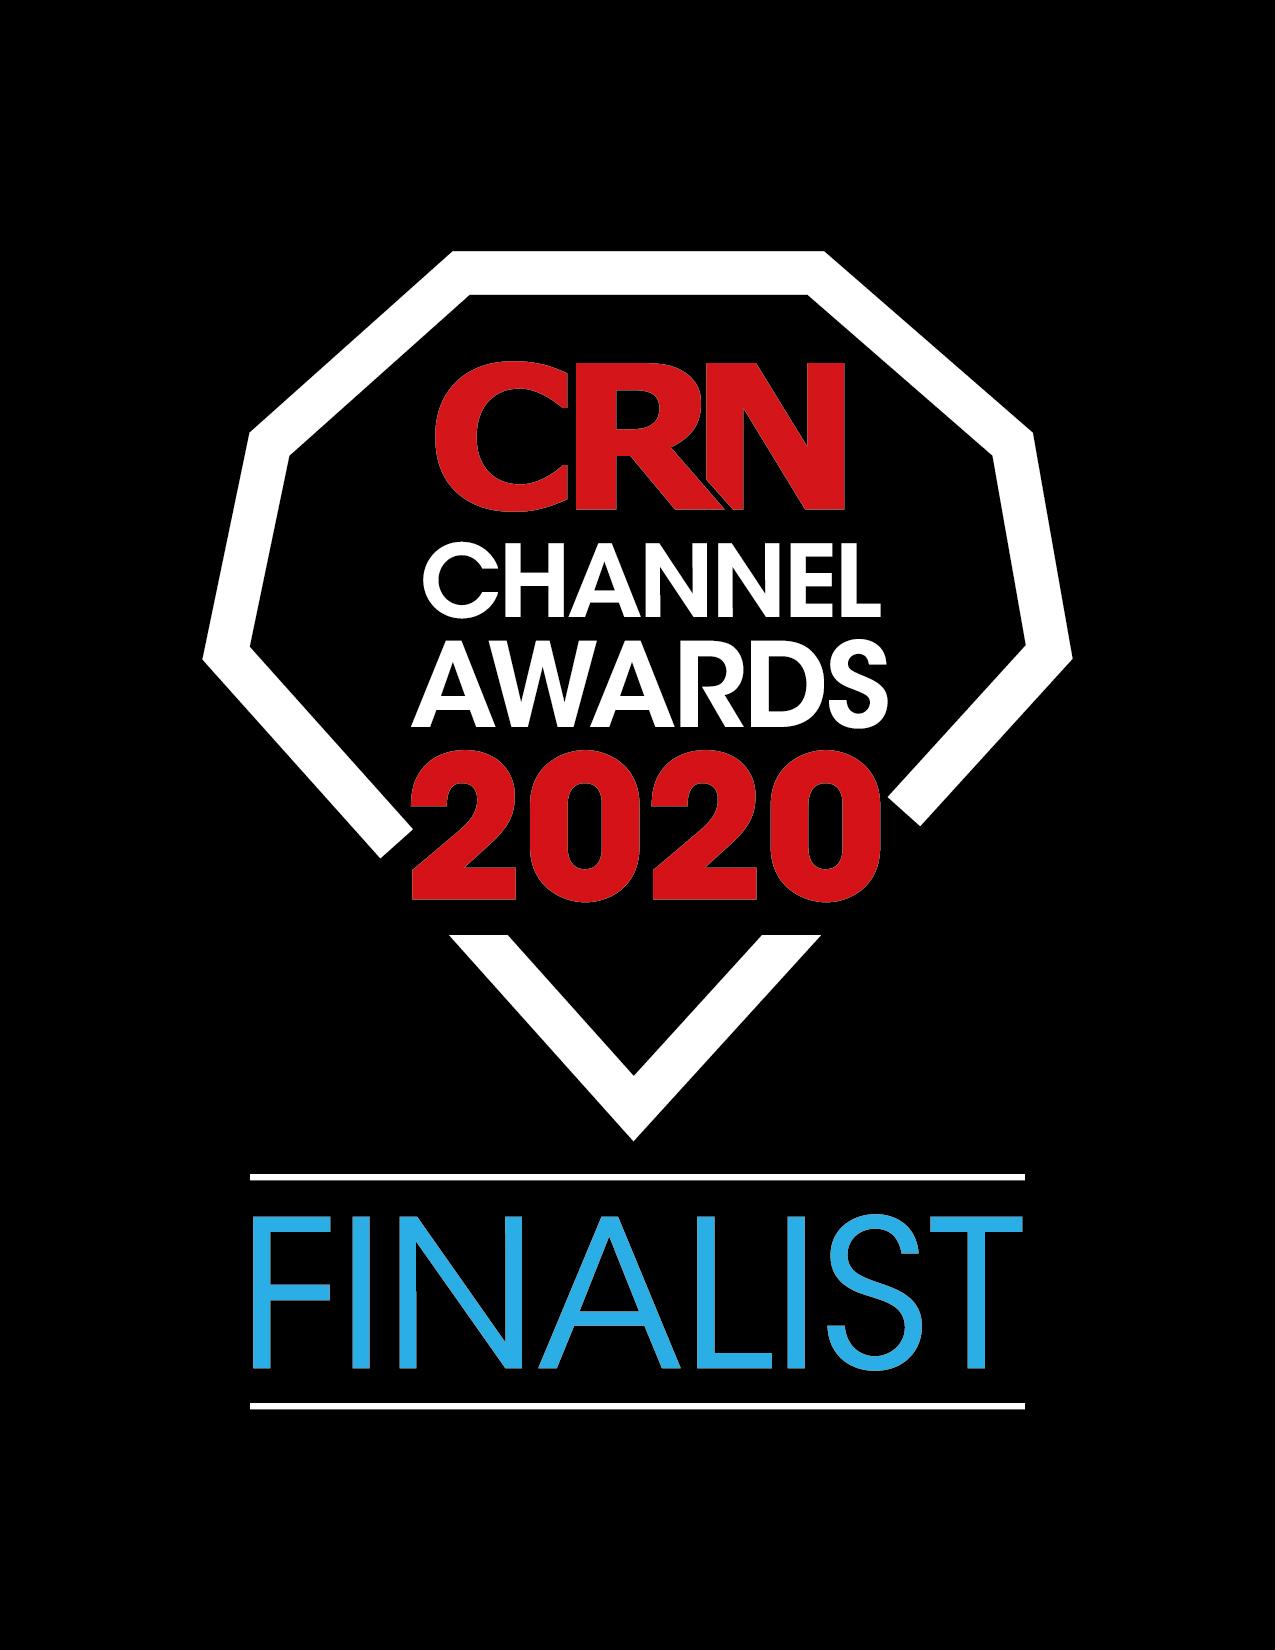 CRN Awards 2020